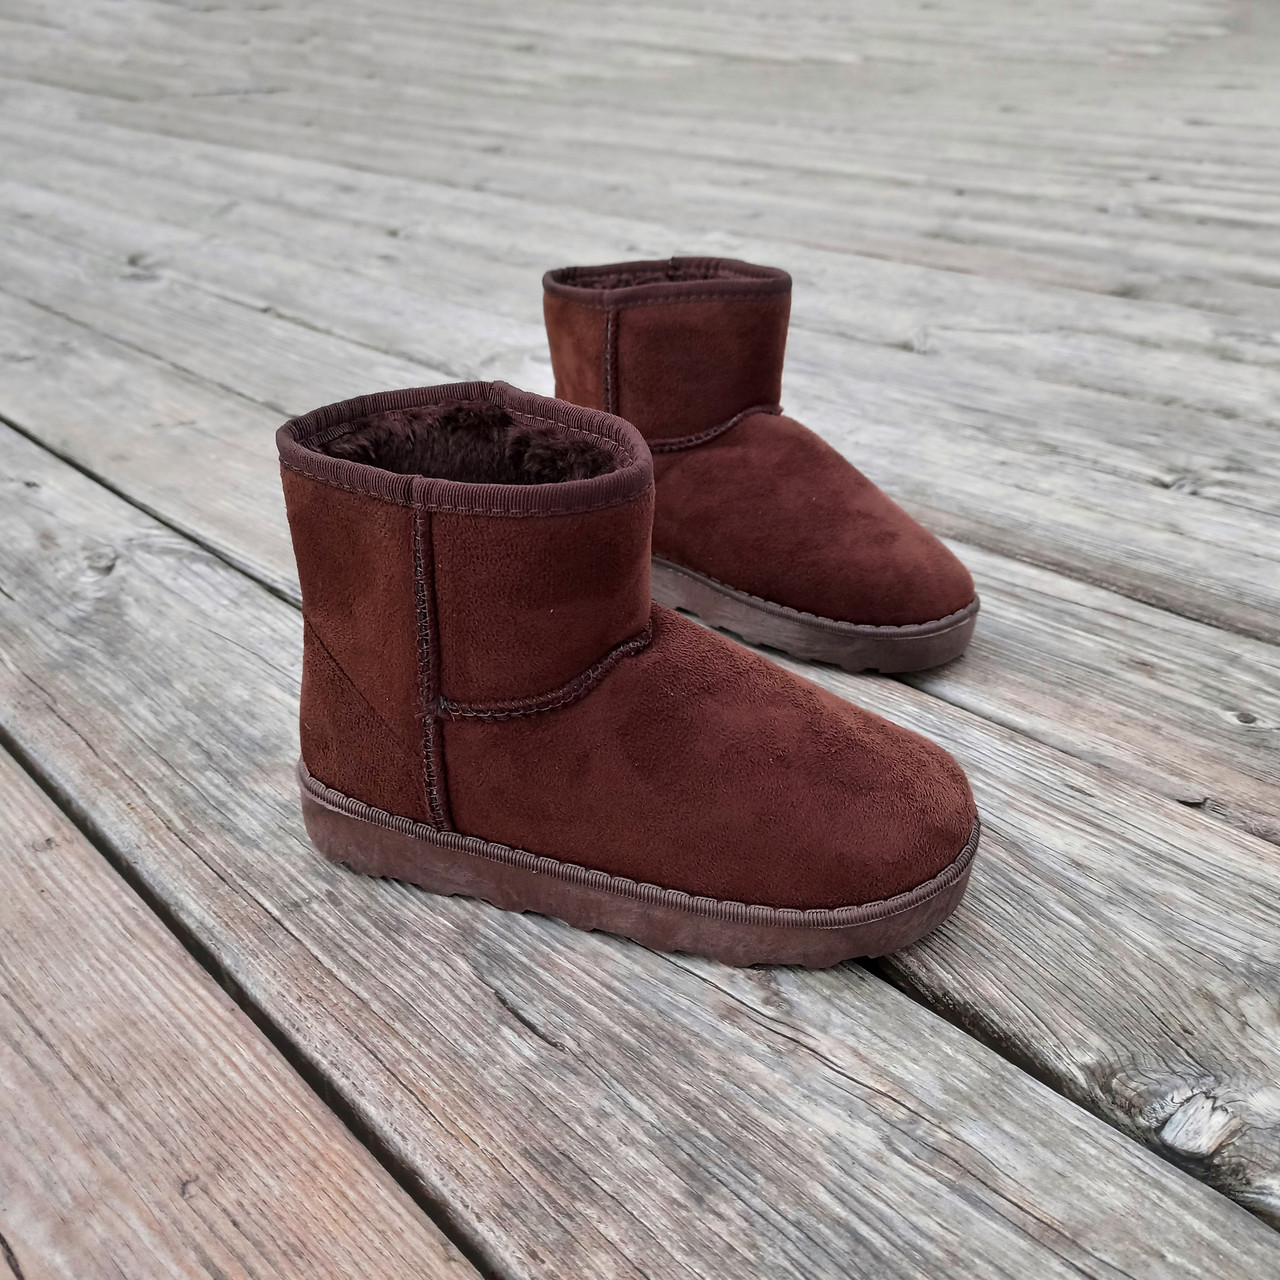 31 - 35 Угги UGG детские теплые ботиночки уггі дитячі сапожки коричневые эко замшевые